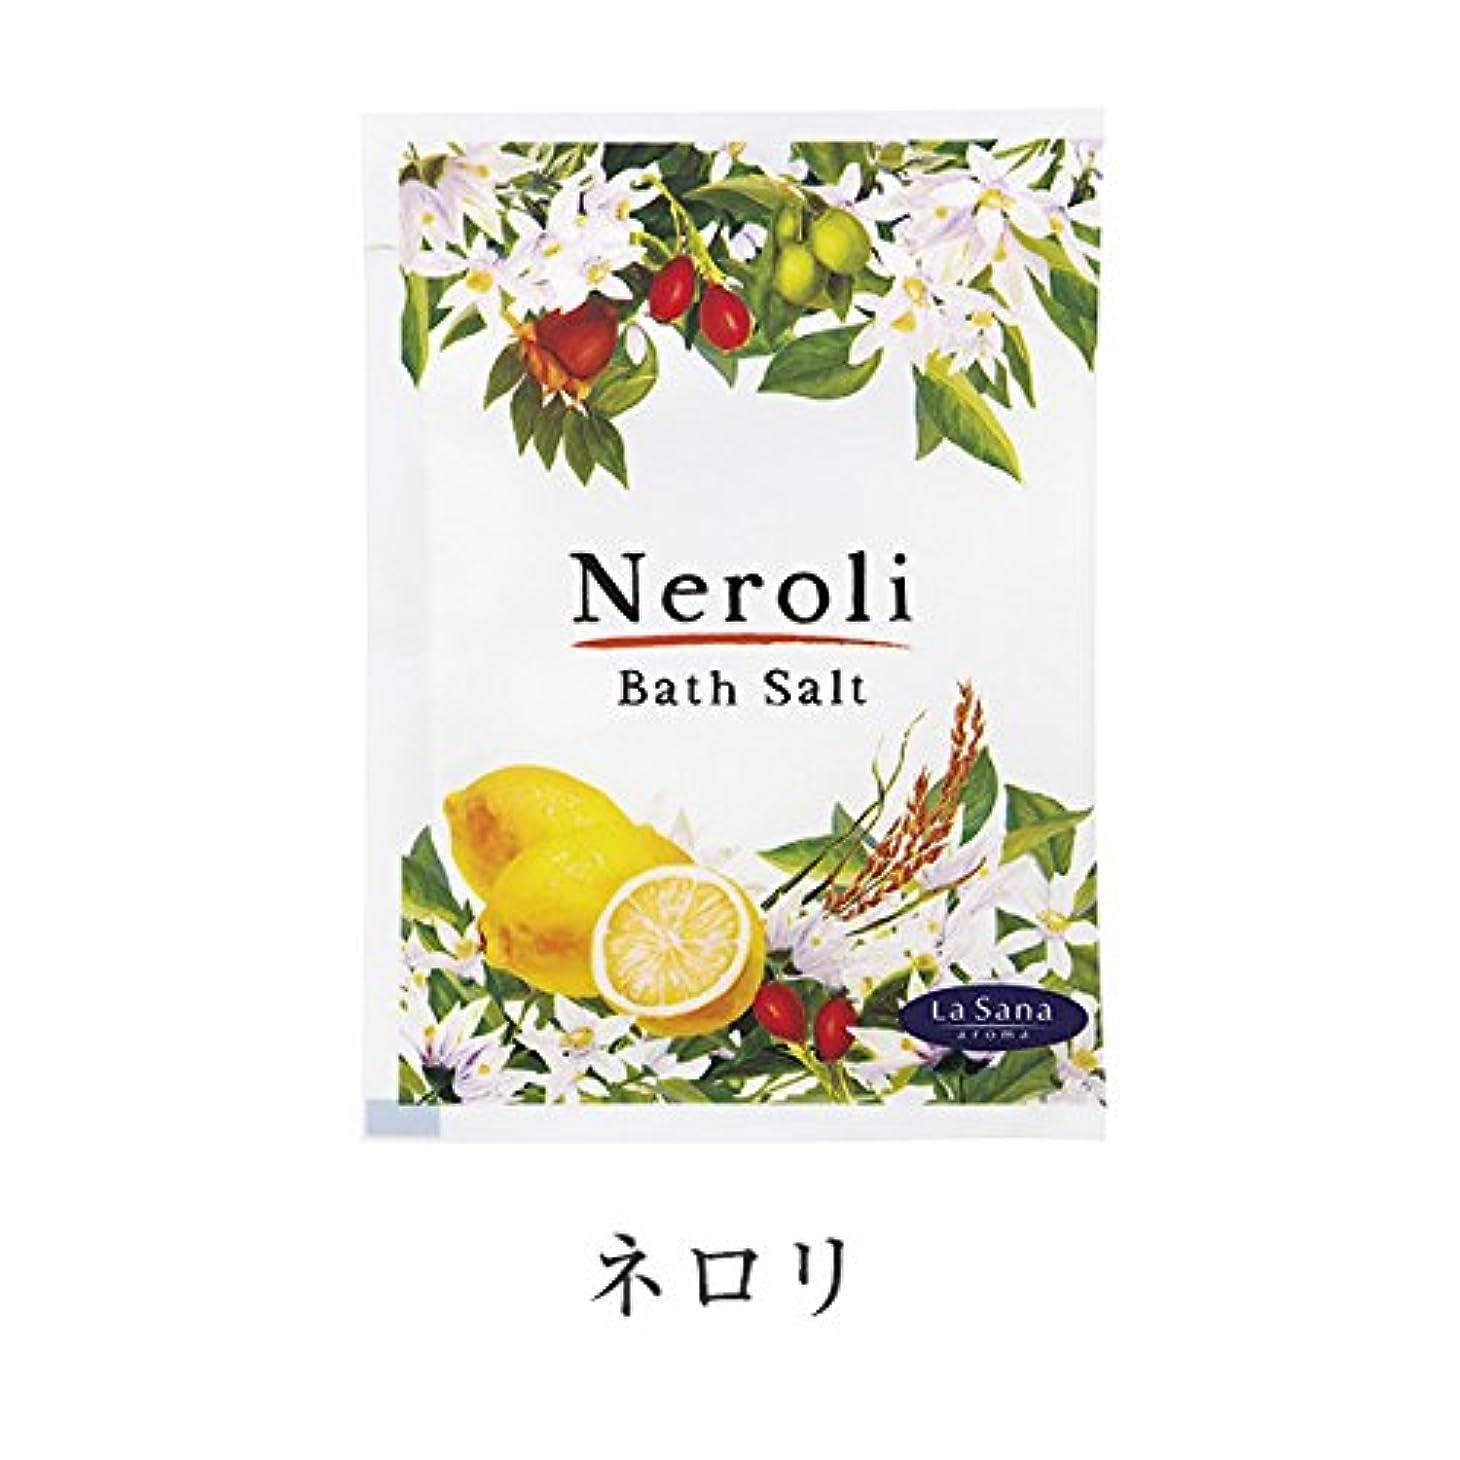 背の高い悪いコールラサーナ アロマ バスソルト<パウダータイプ> 40g [ネロリの香り] 瀬戸内レモン果汁配合